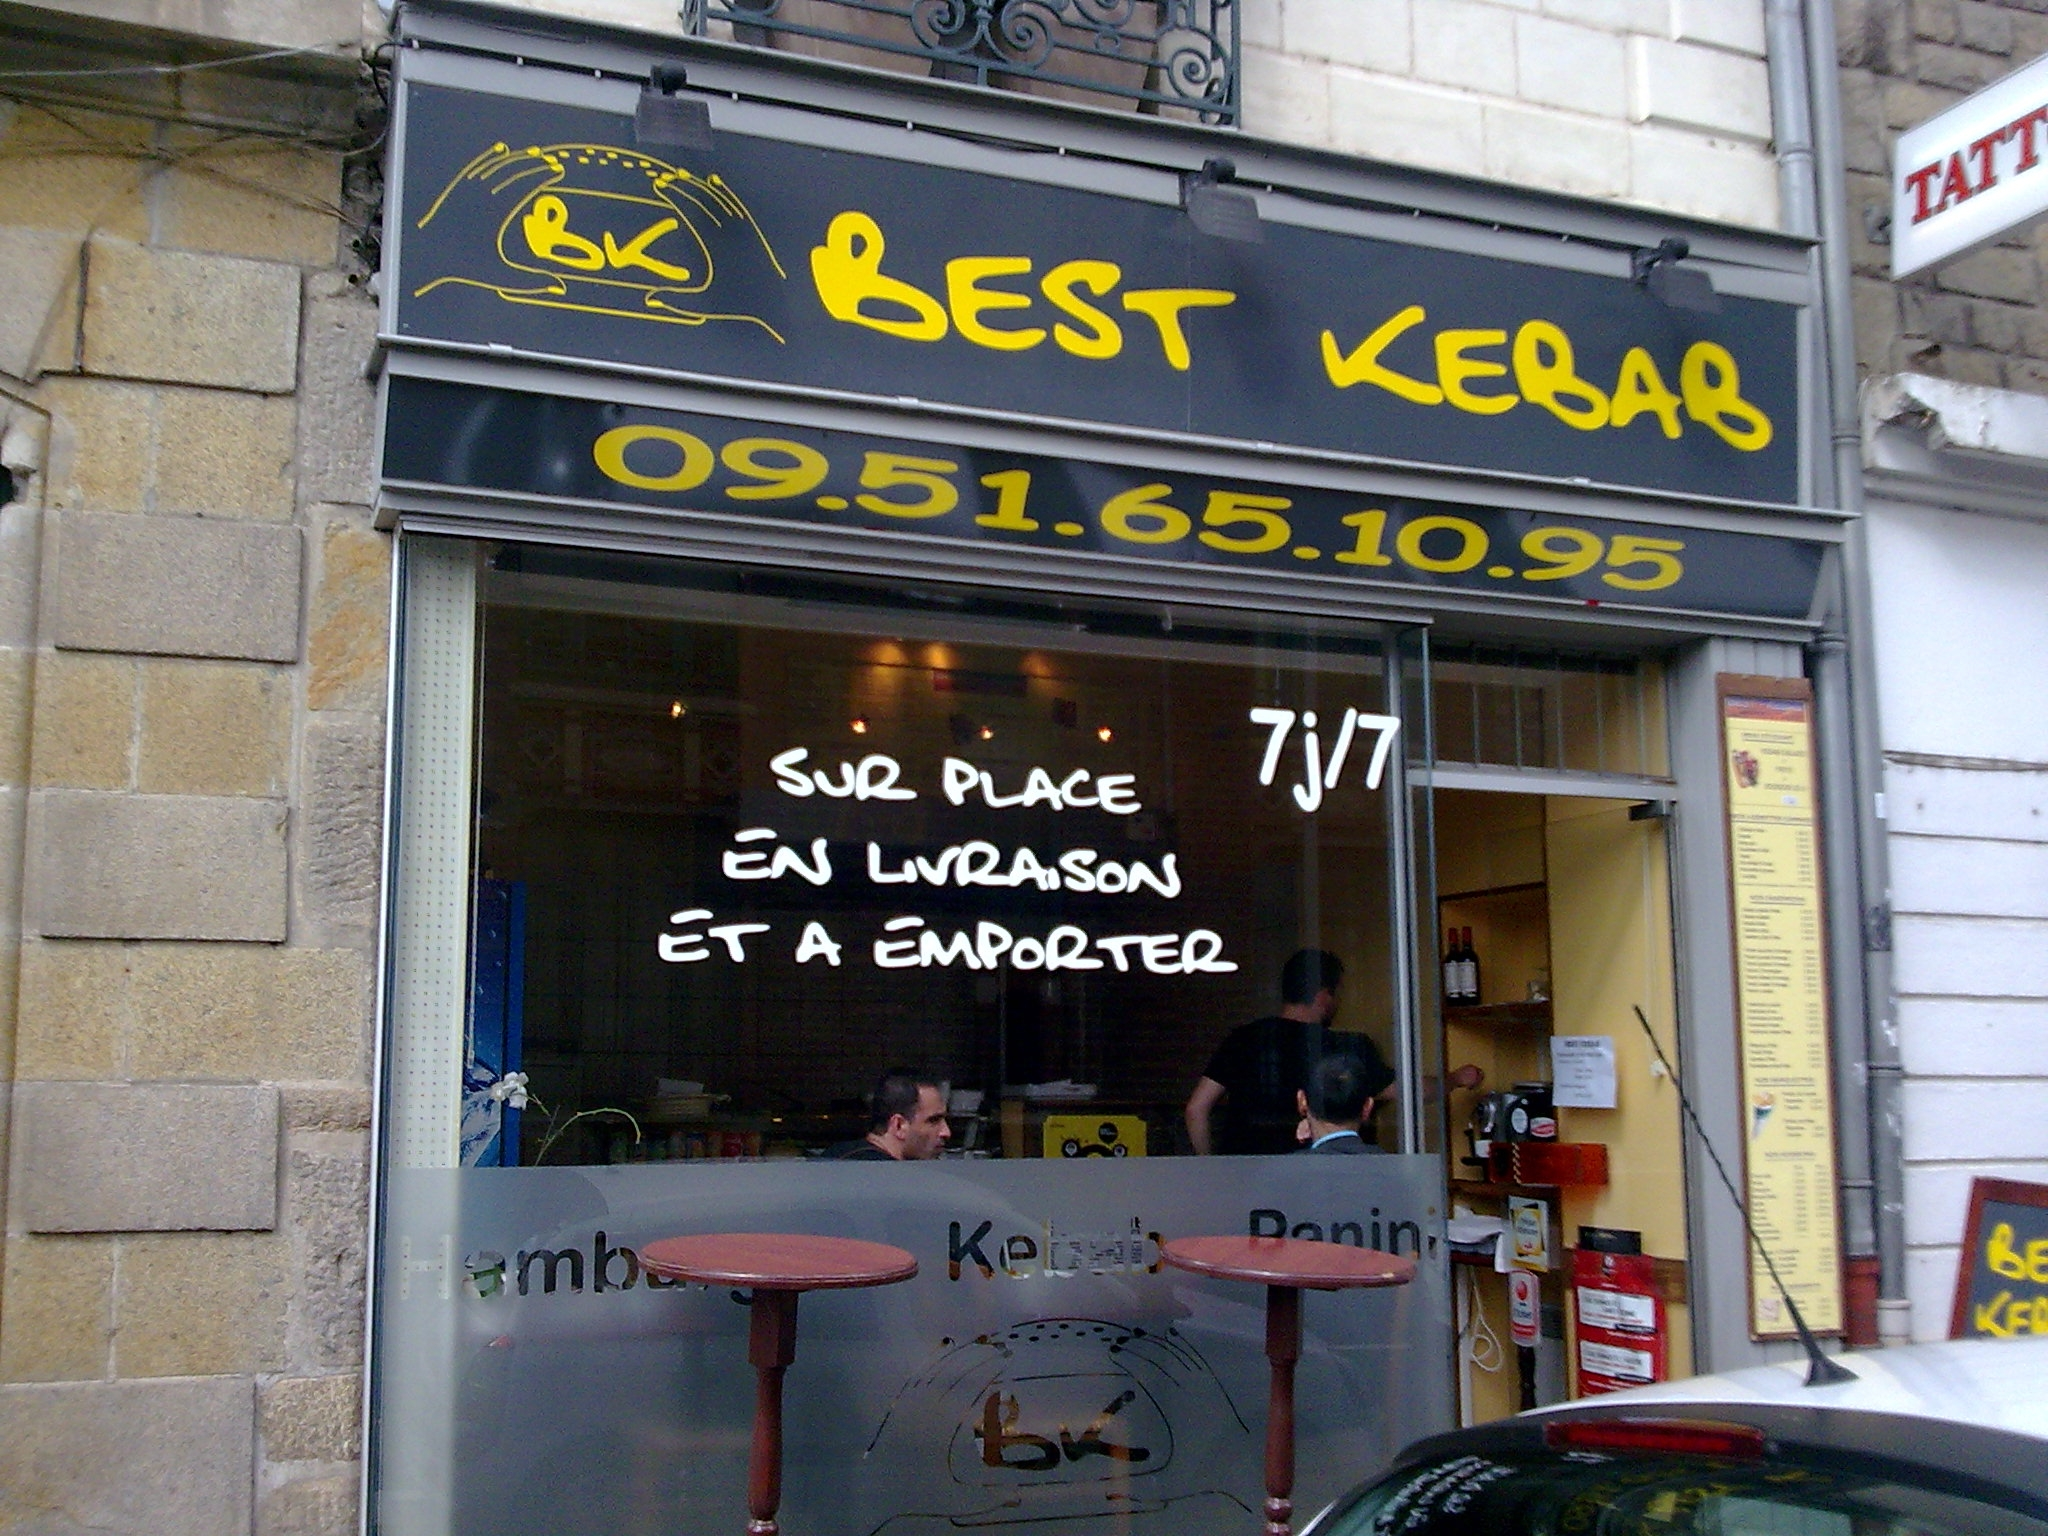 Best kebab - Rennes